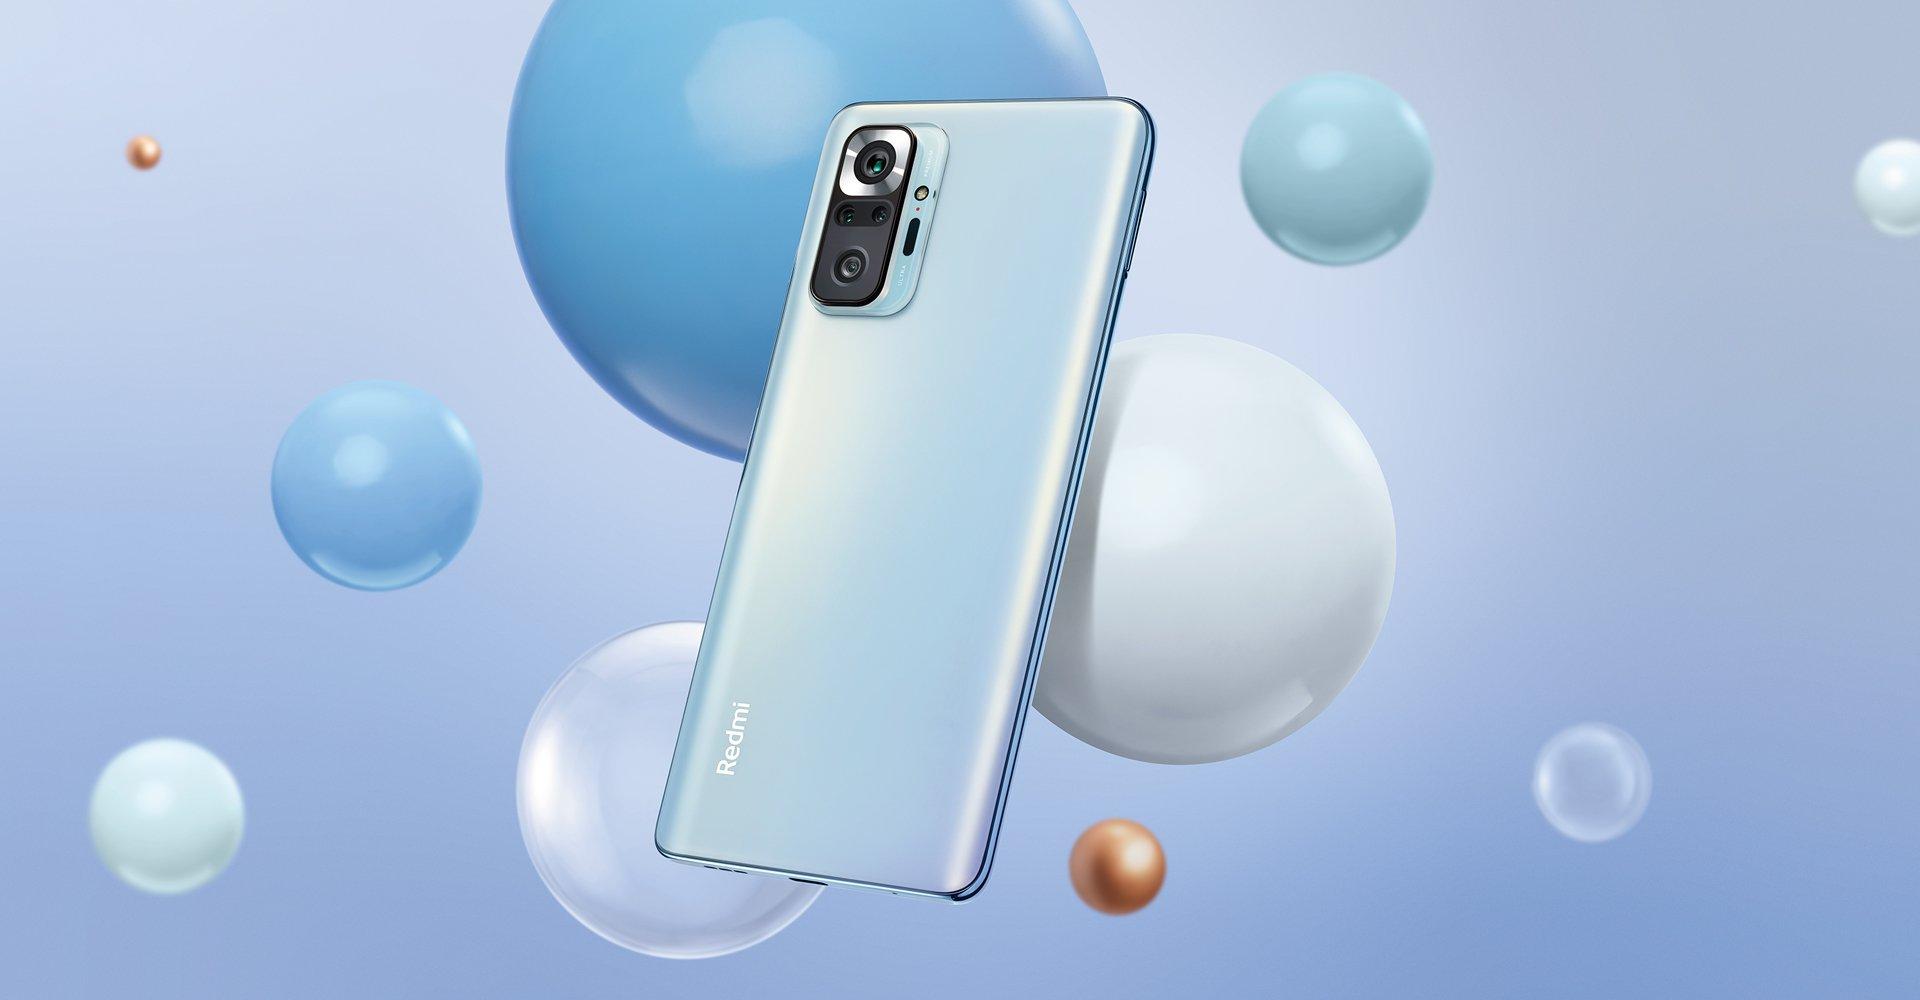 La Serie Redmi Note 10 llegará a España este 16 de marzo. Noticias Xiaomi Adictos